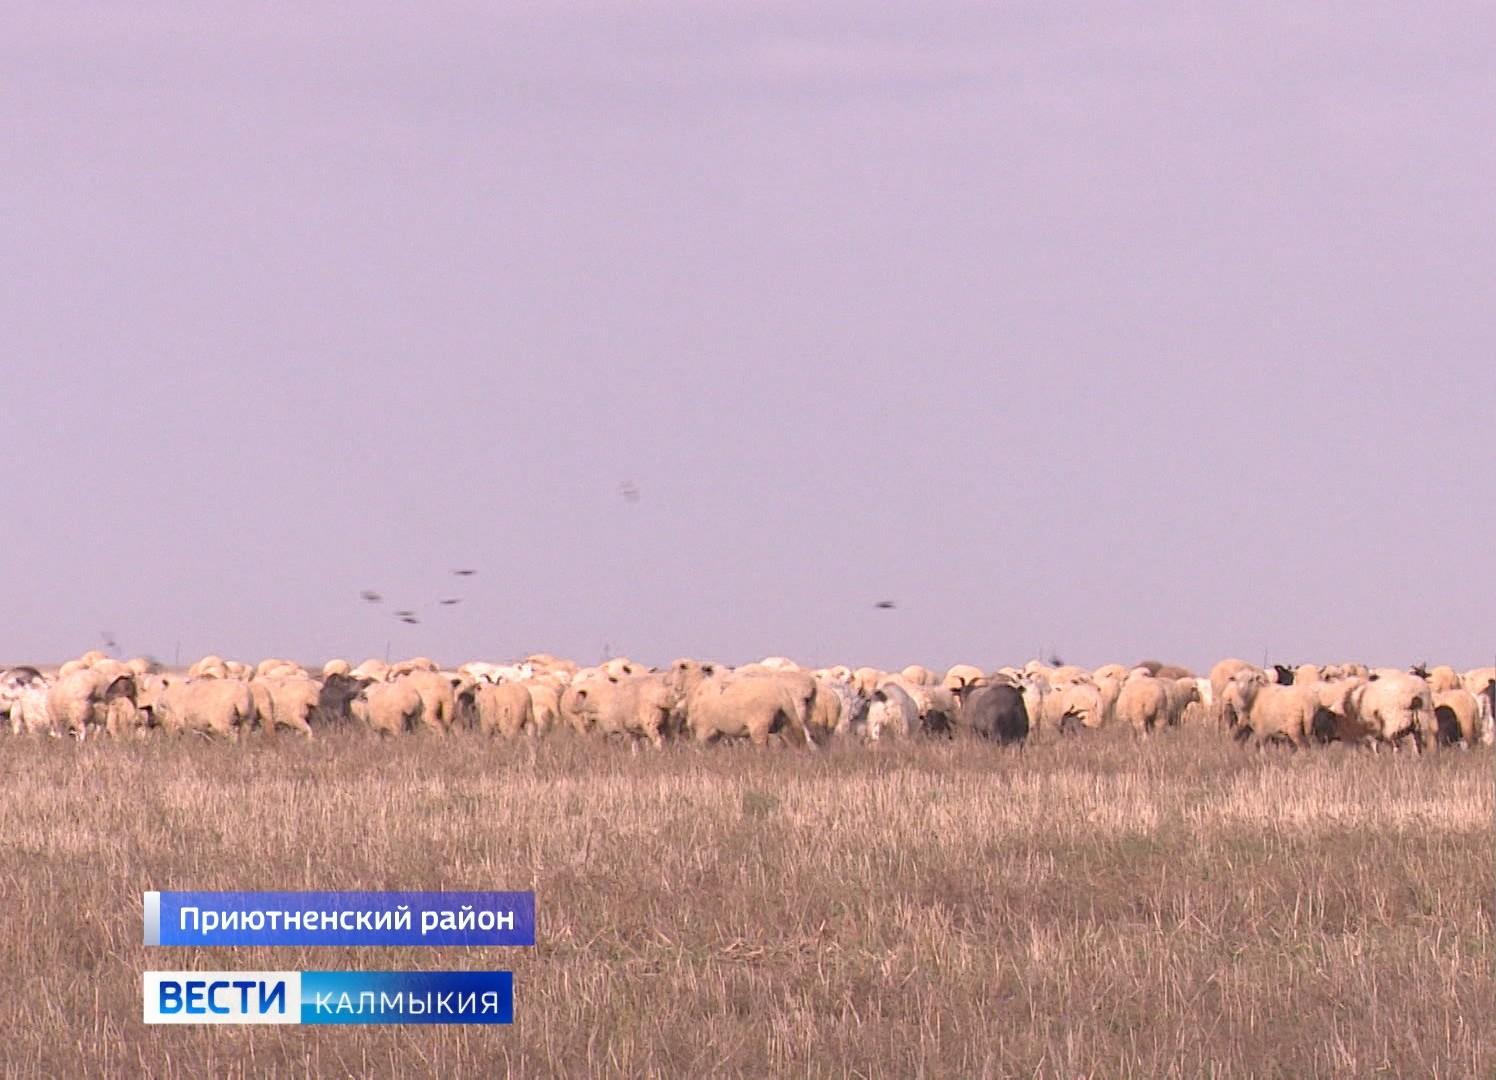 Более 130 тысяч голов мелкого и крупного рогатого скота готовят к зимовке в Приютненском районе